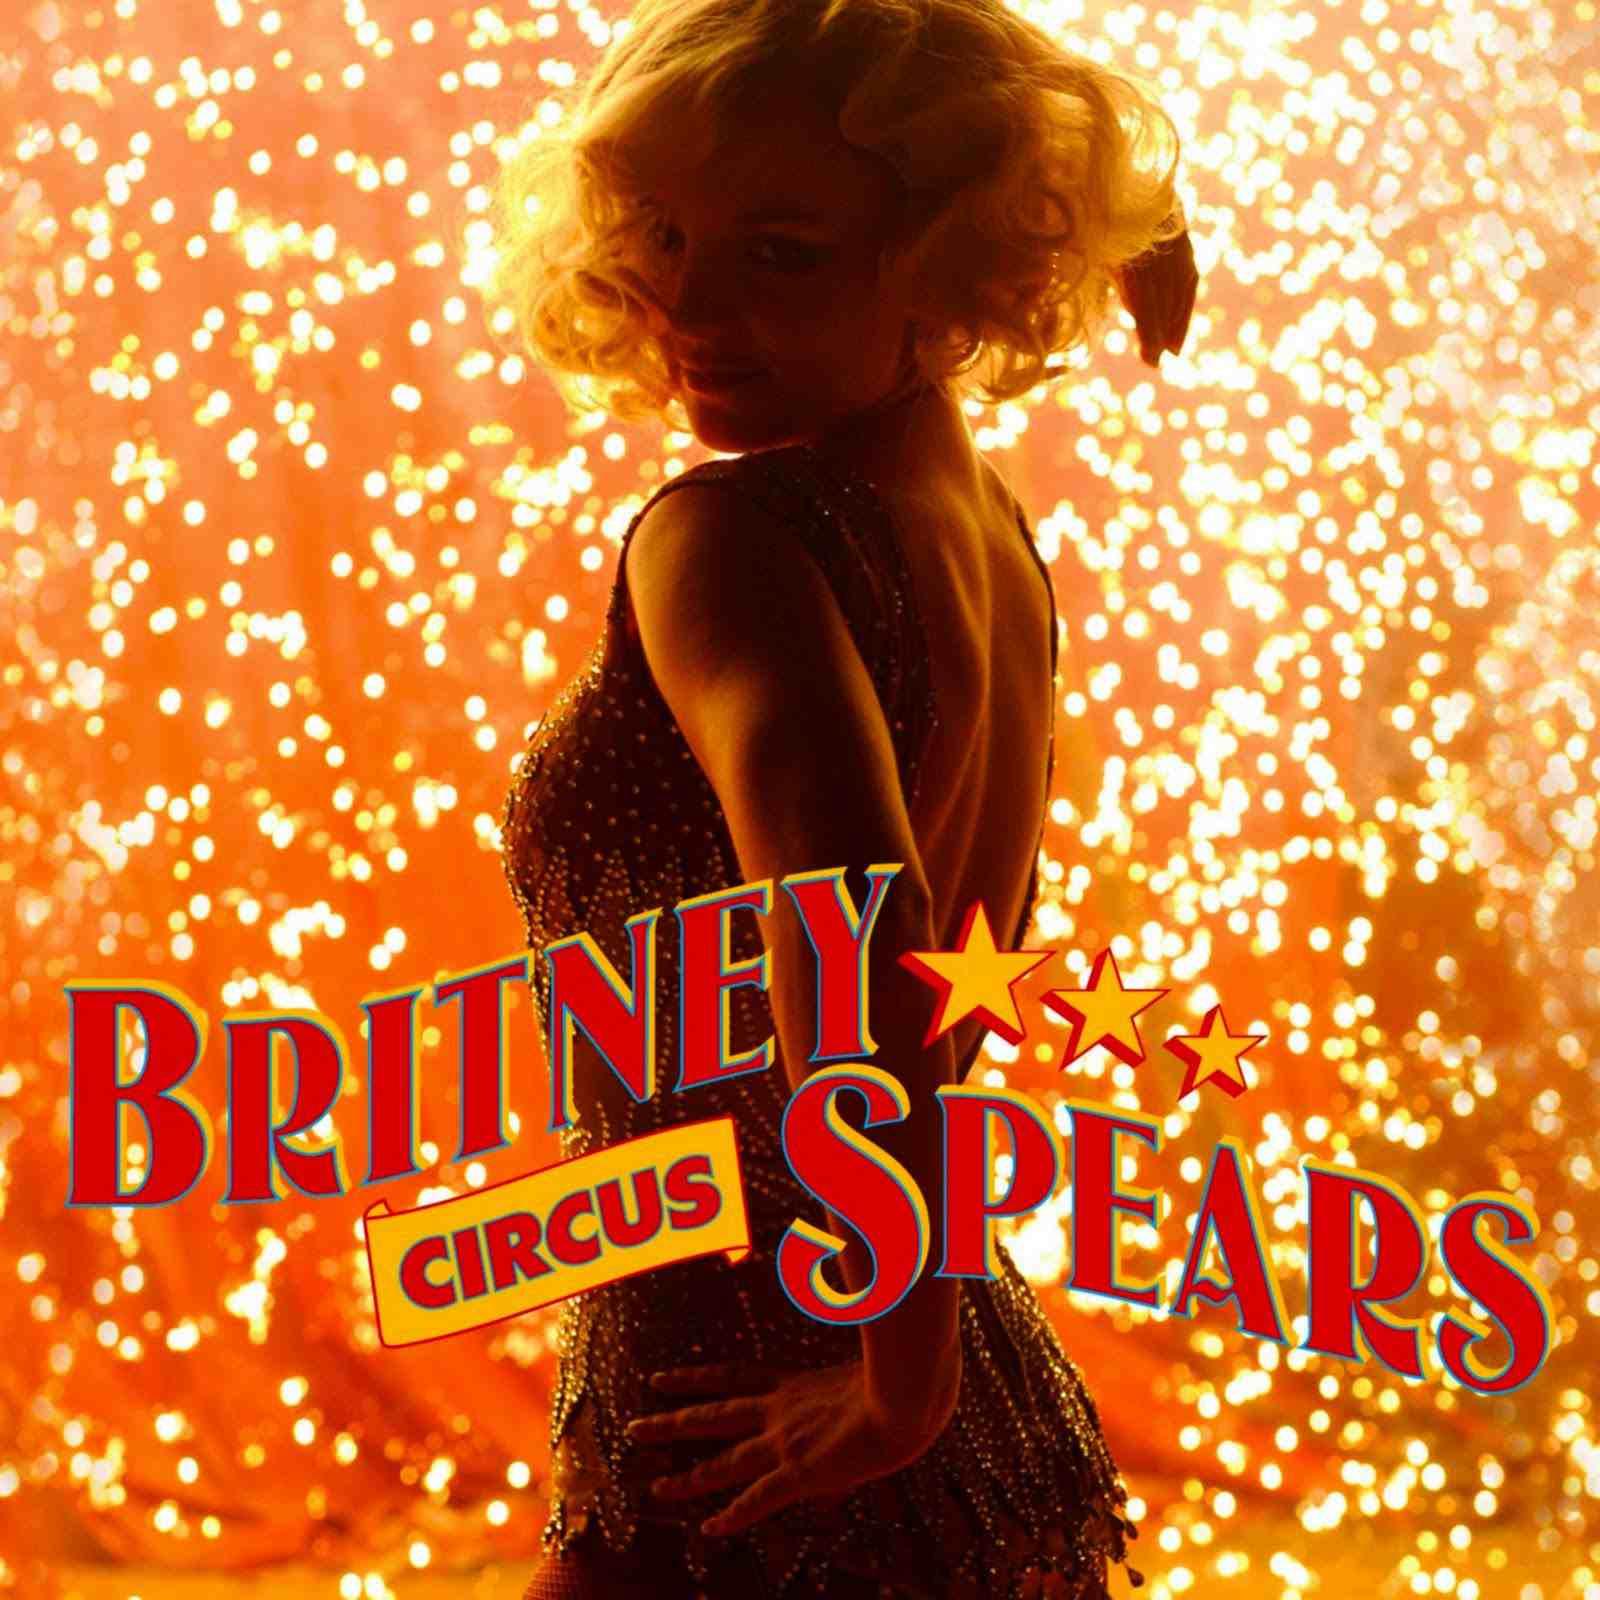 Album art for Britney Spears - Circus